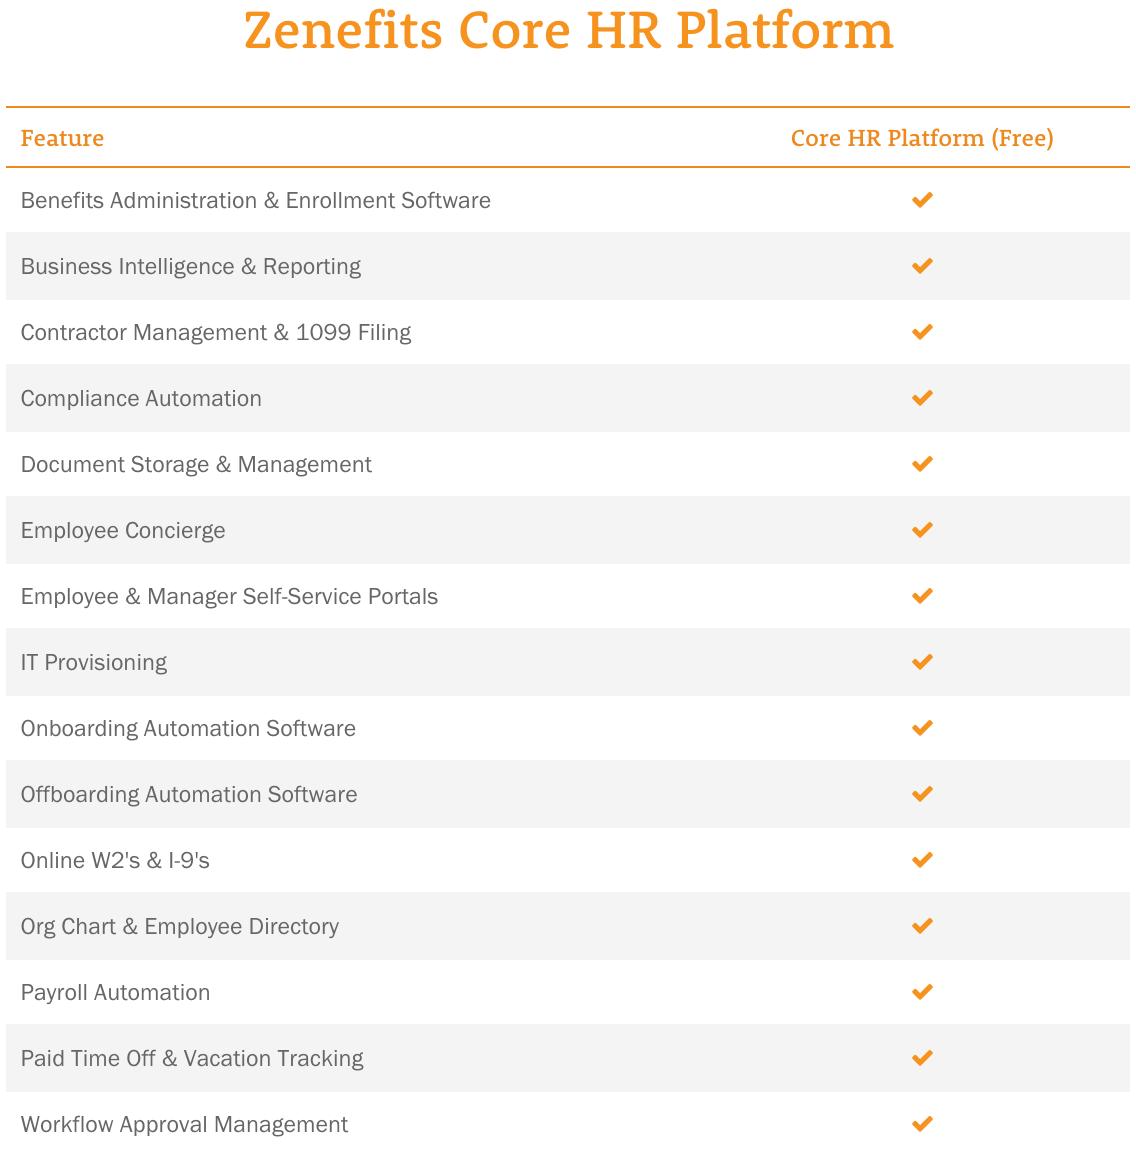 Zenefits Core HR Platform Features